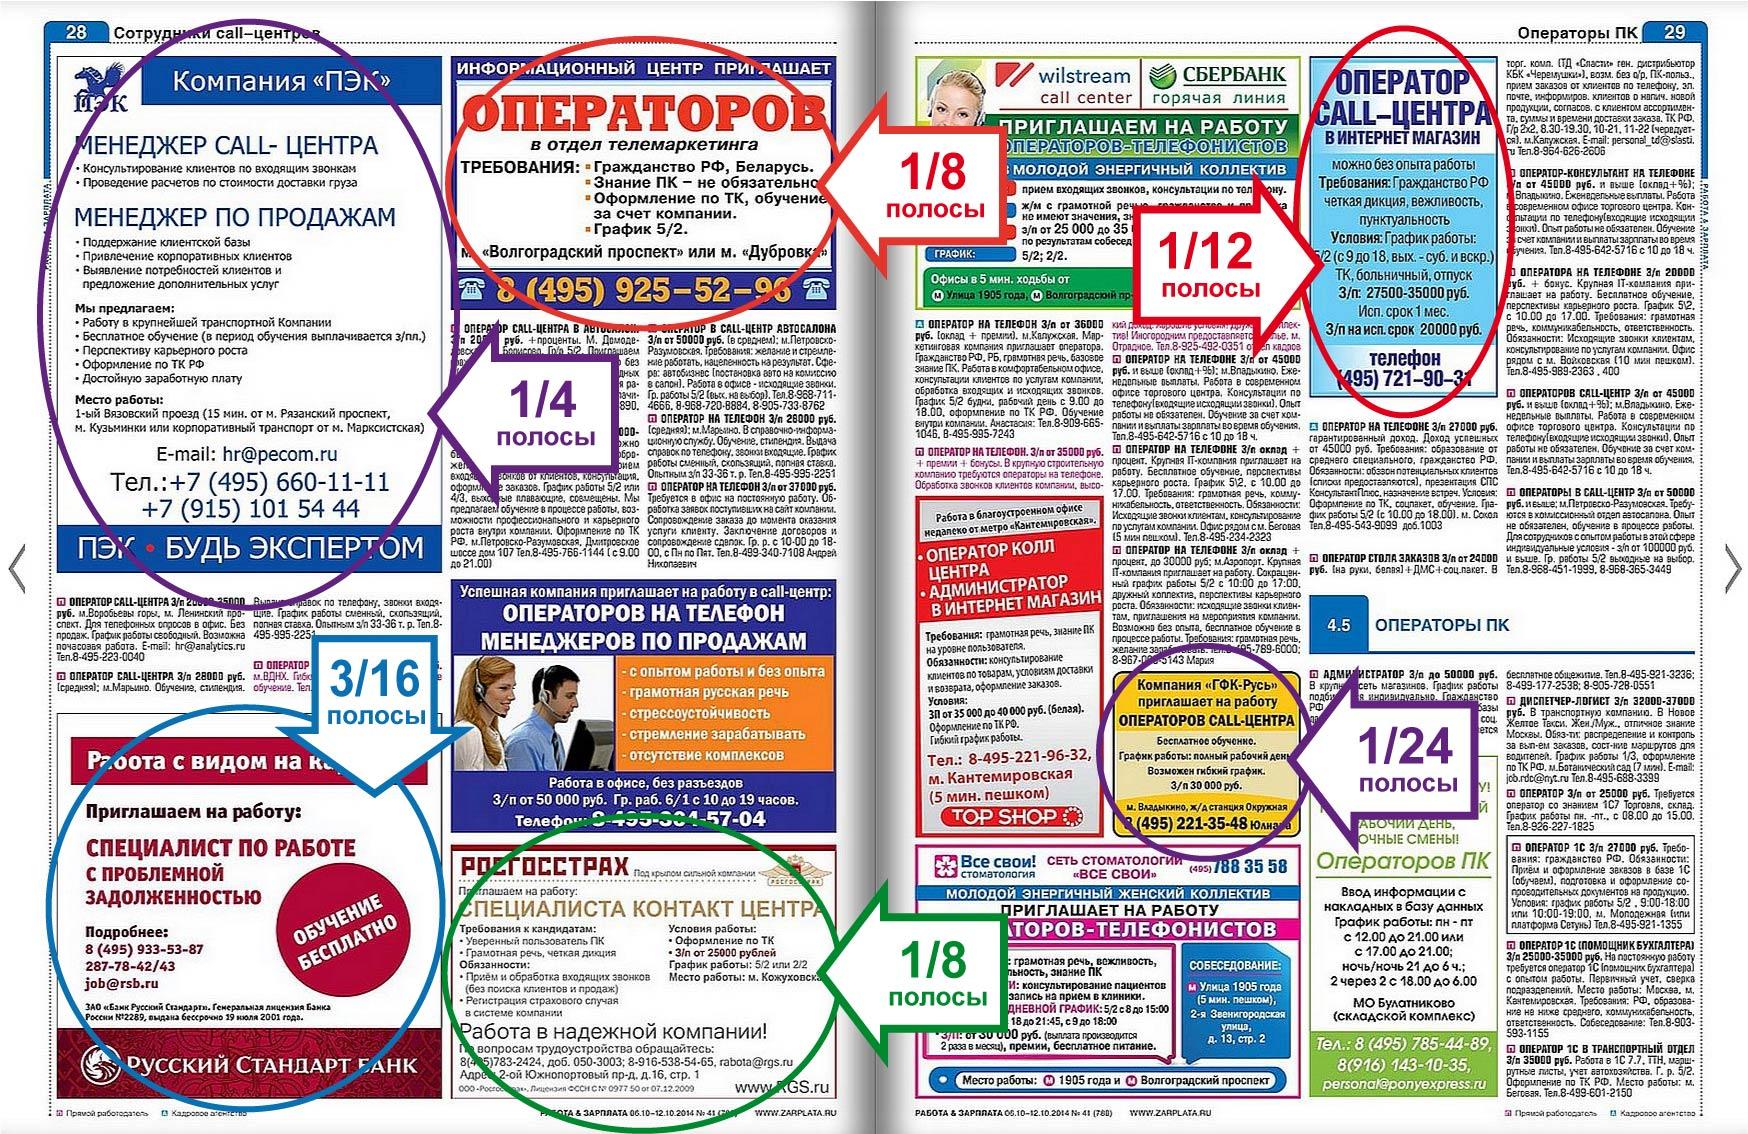 Работа и зарплата подать объявление в журнал подать бесплатно объявление недвижимость в донецке